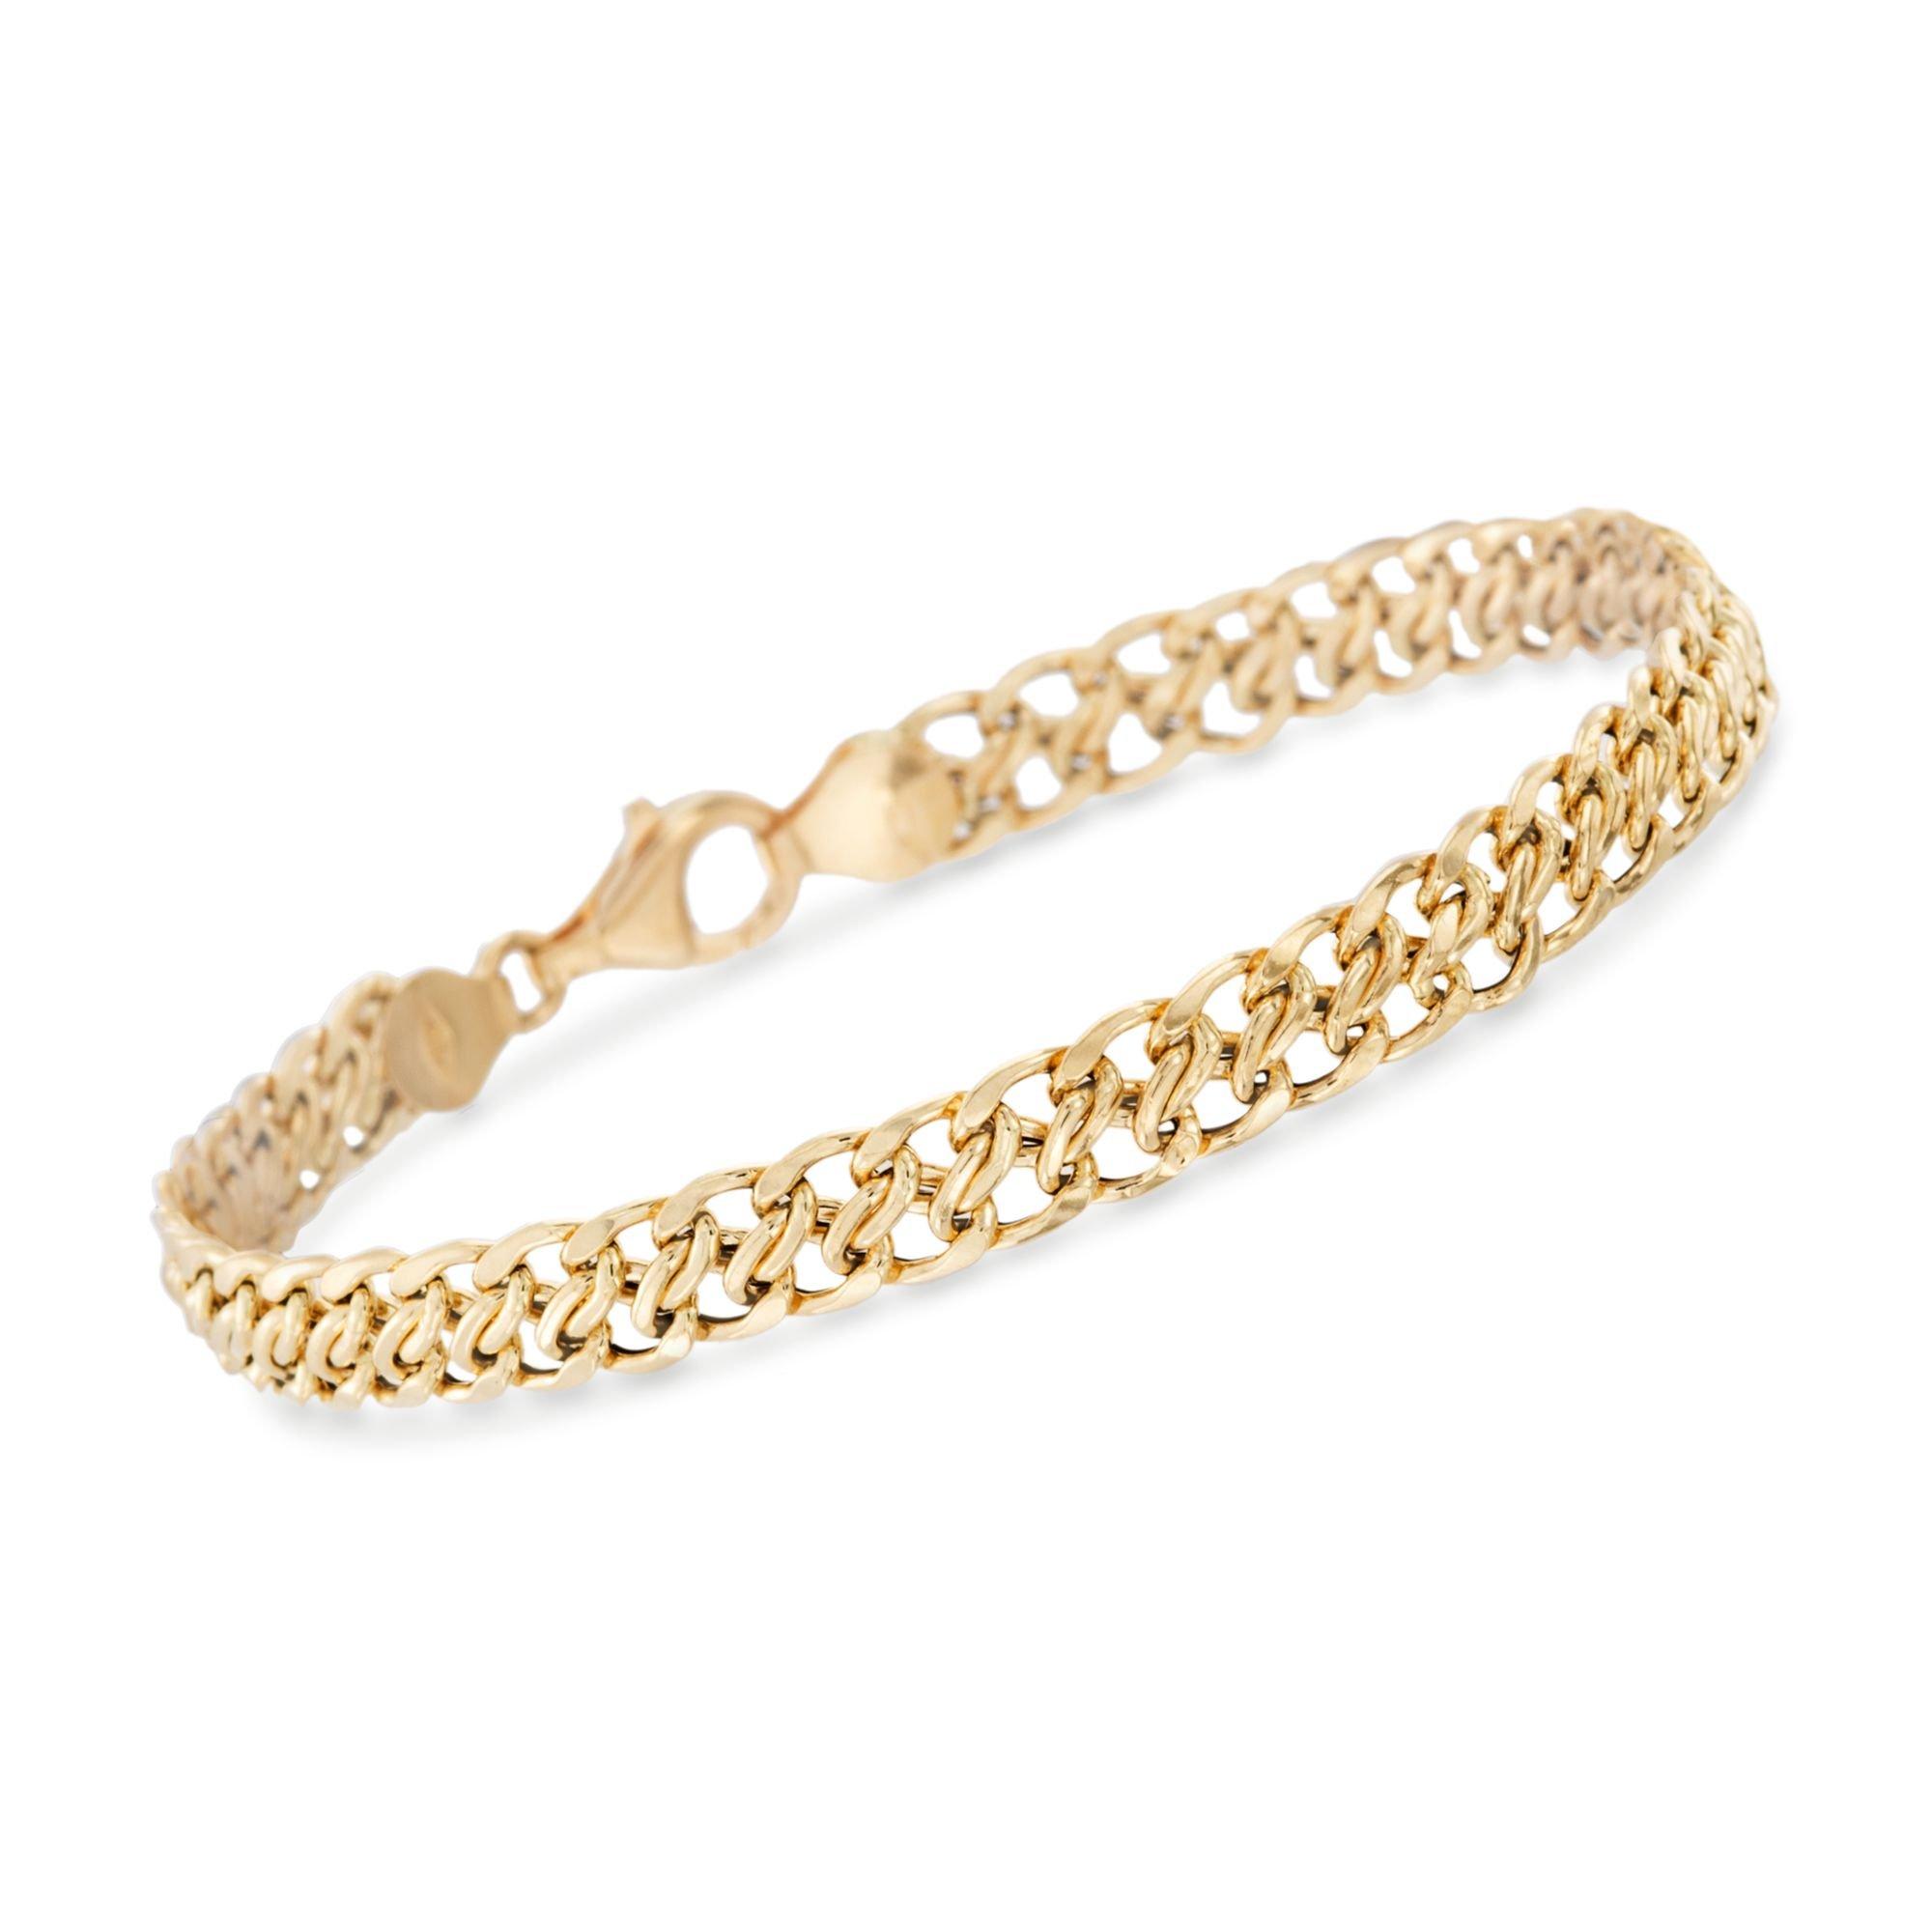 Ross-Simons Italian 18kt Yellow Gold Flat-Link Chain Bracelet